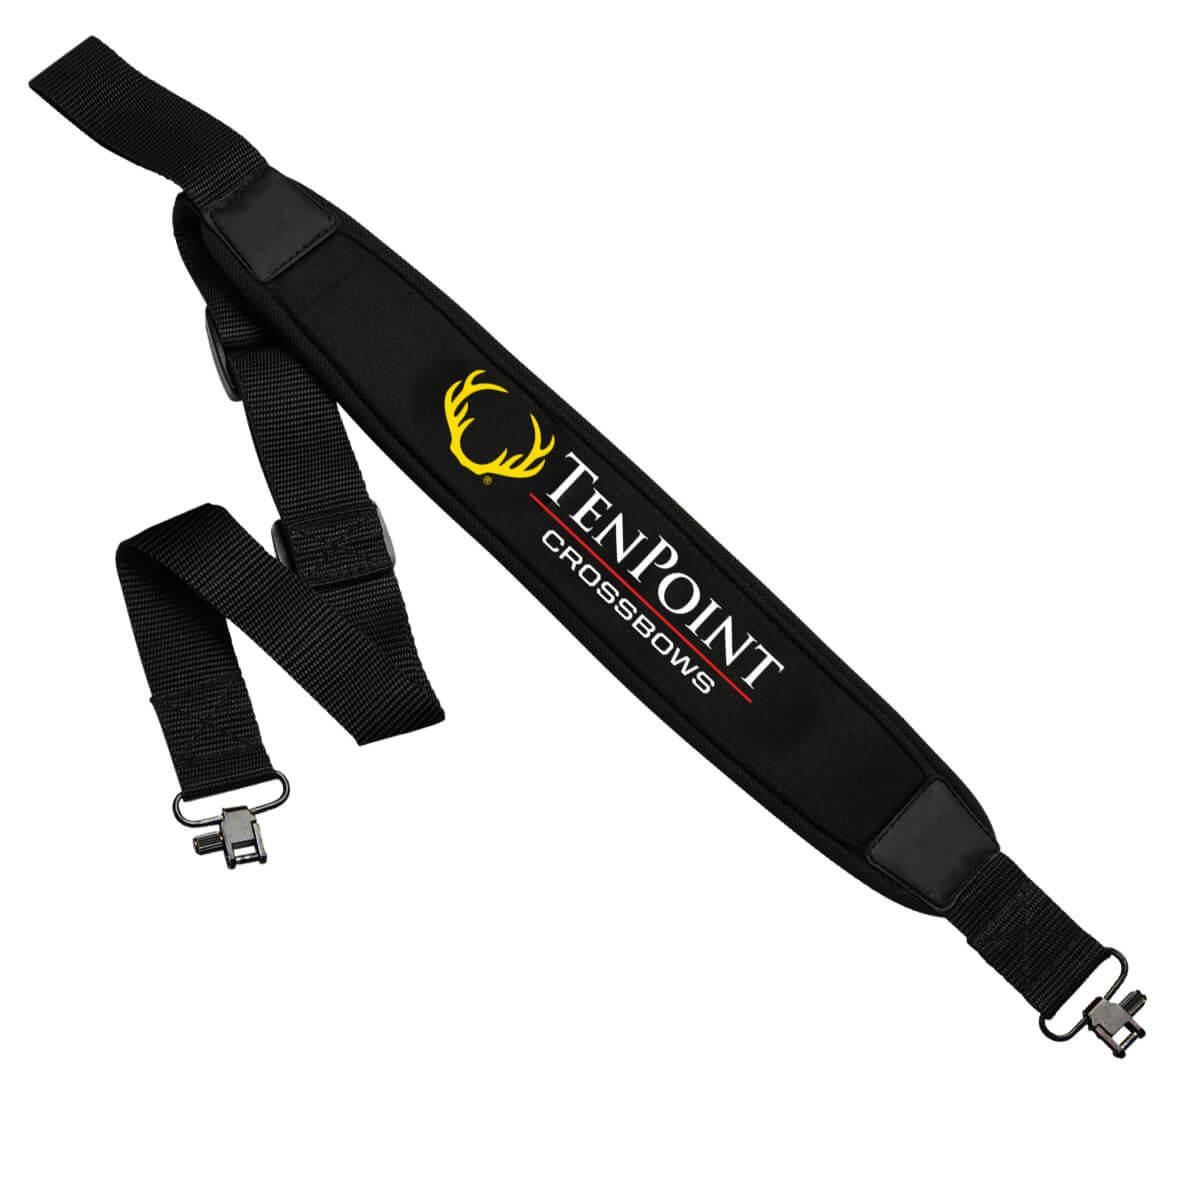 Neoprene Crossbow Sling from Tenpoint